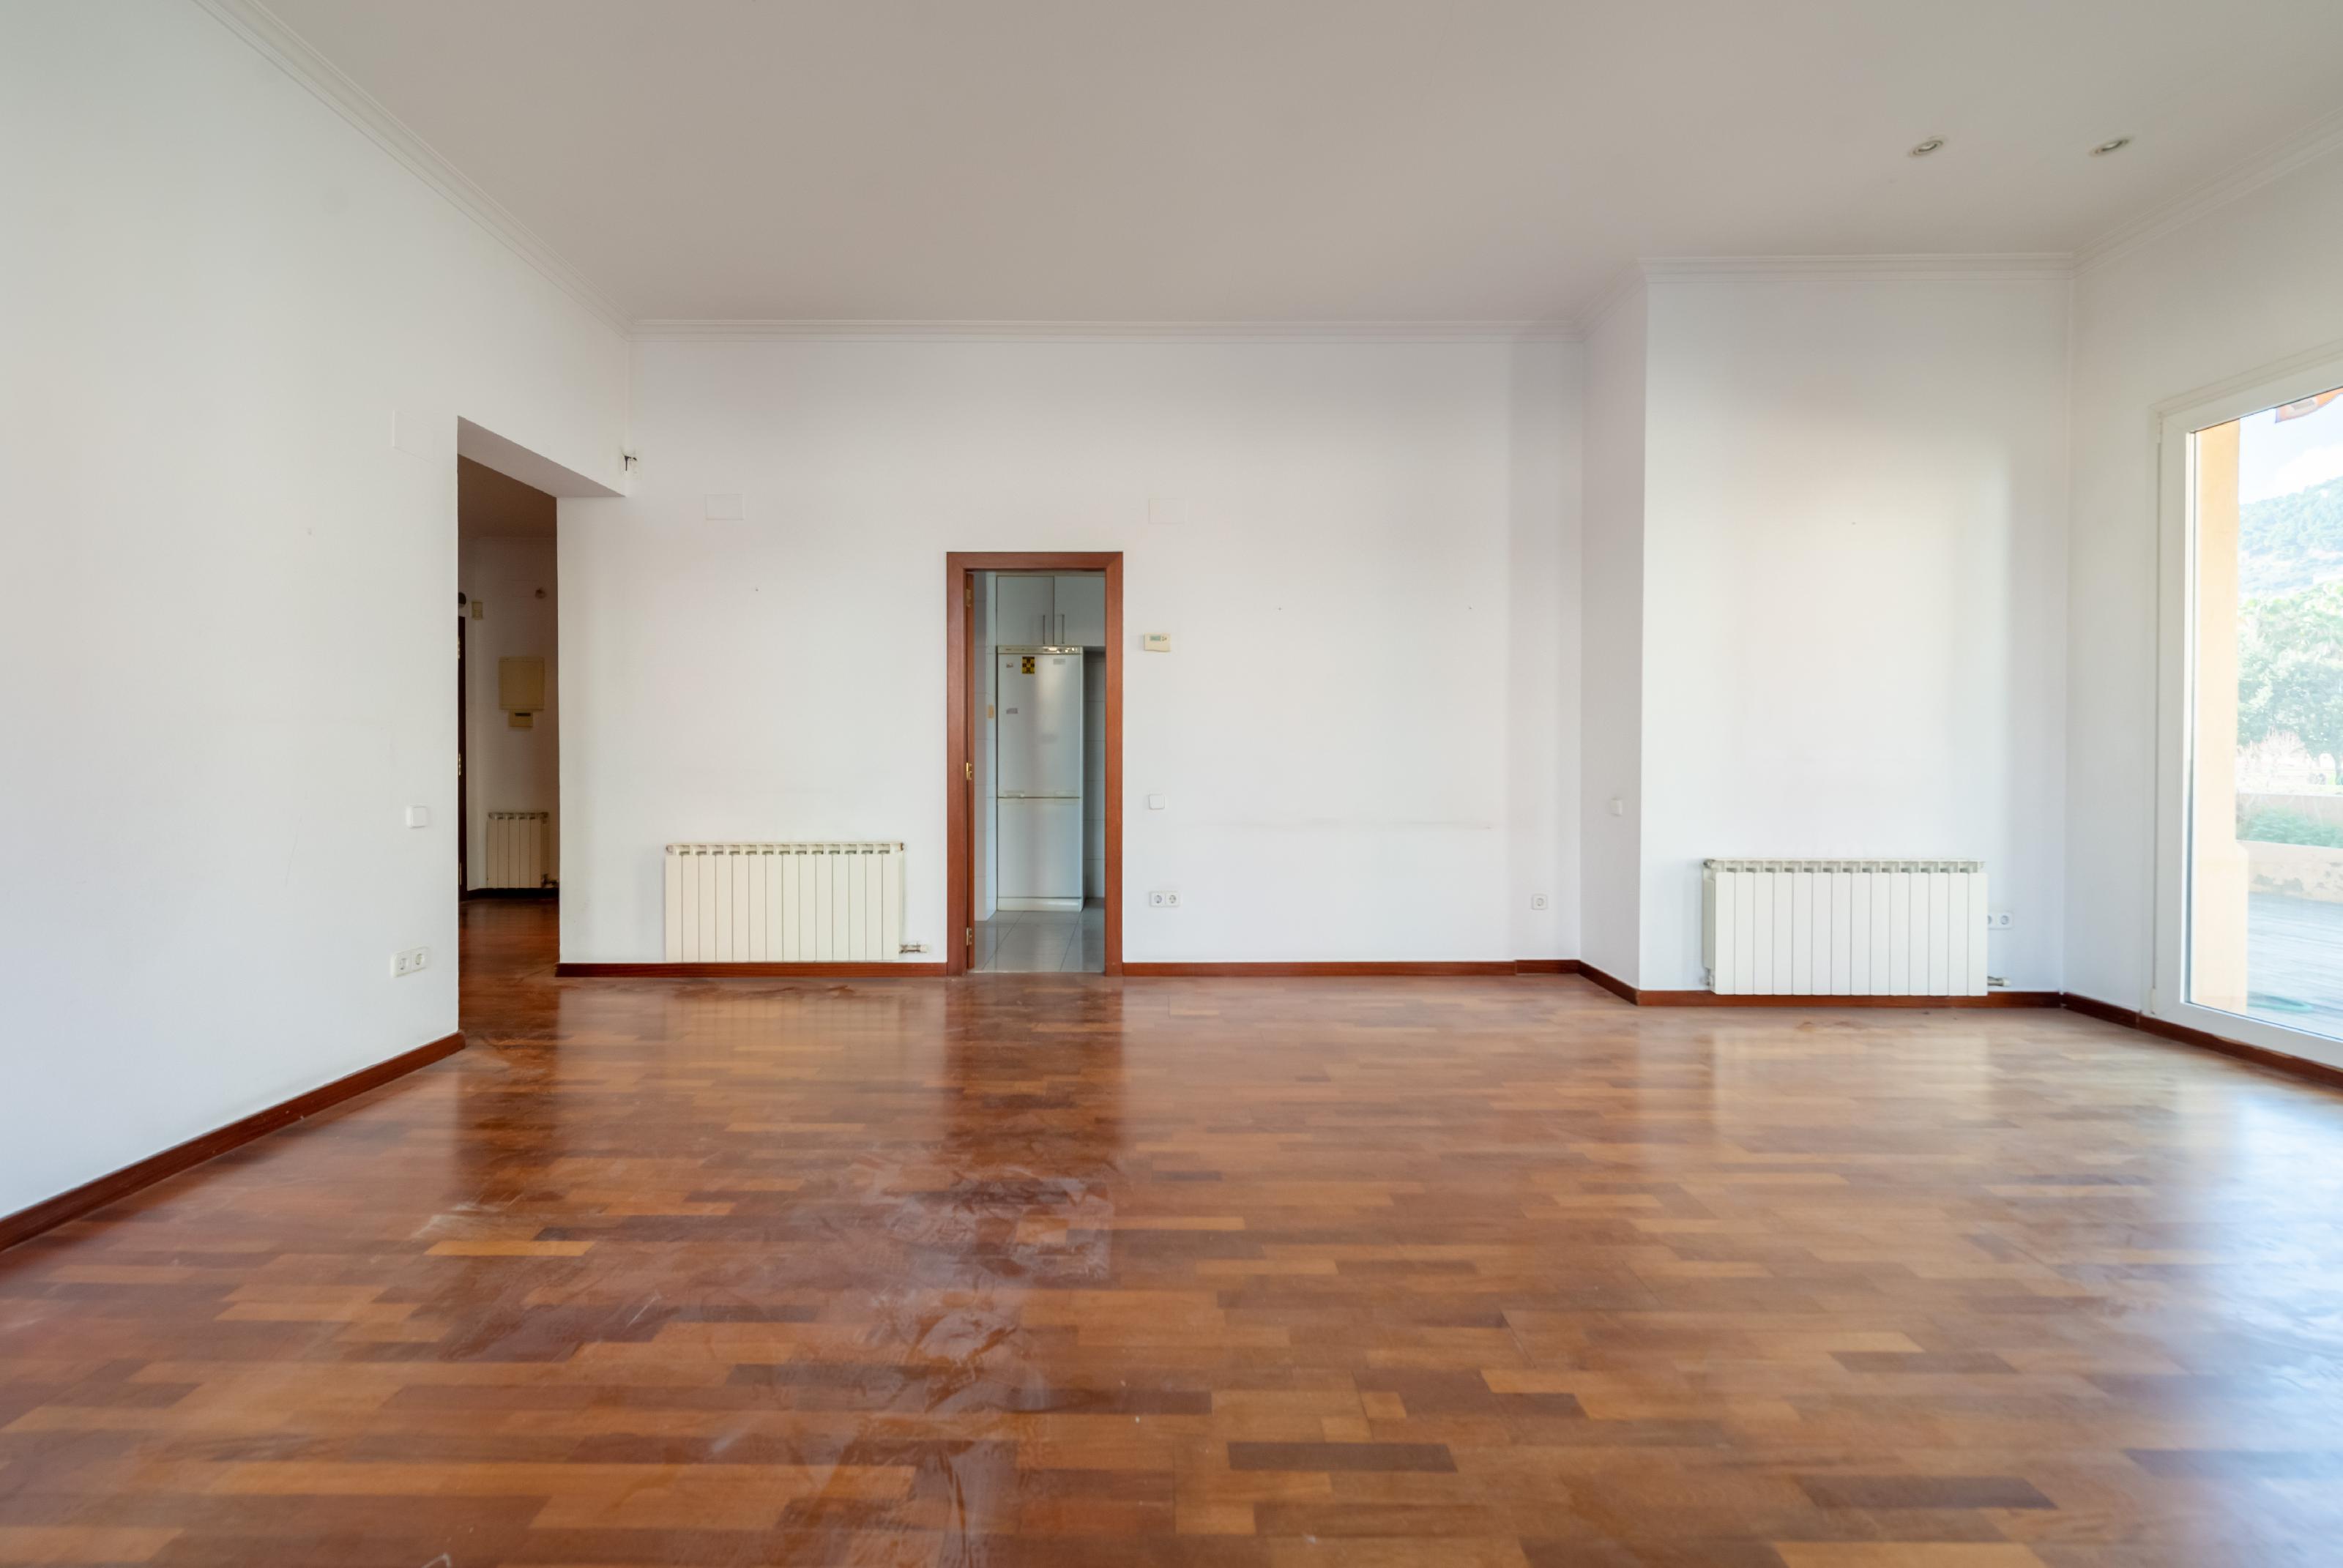 246020 Flat for sale in Sarrià-Sant Gervasi, Sarrià 13